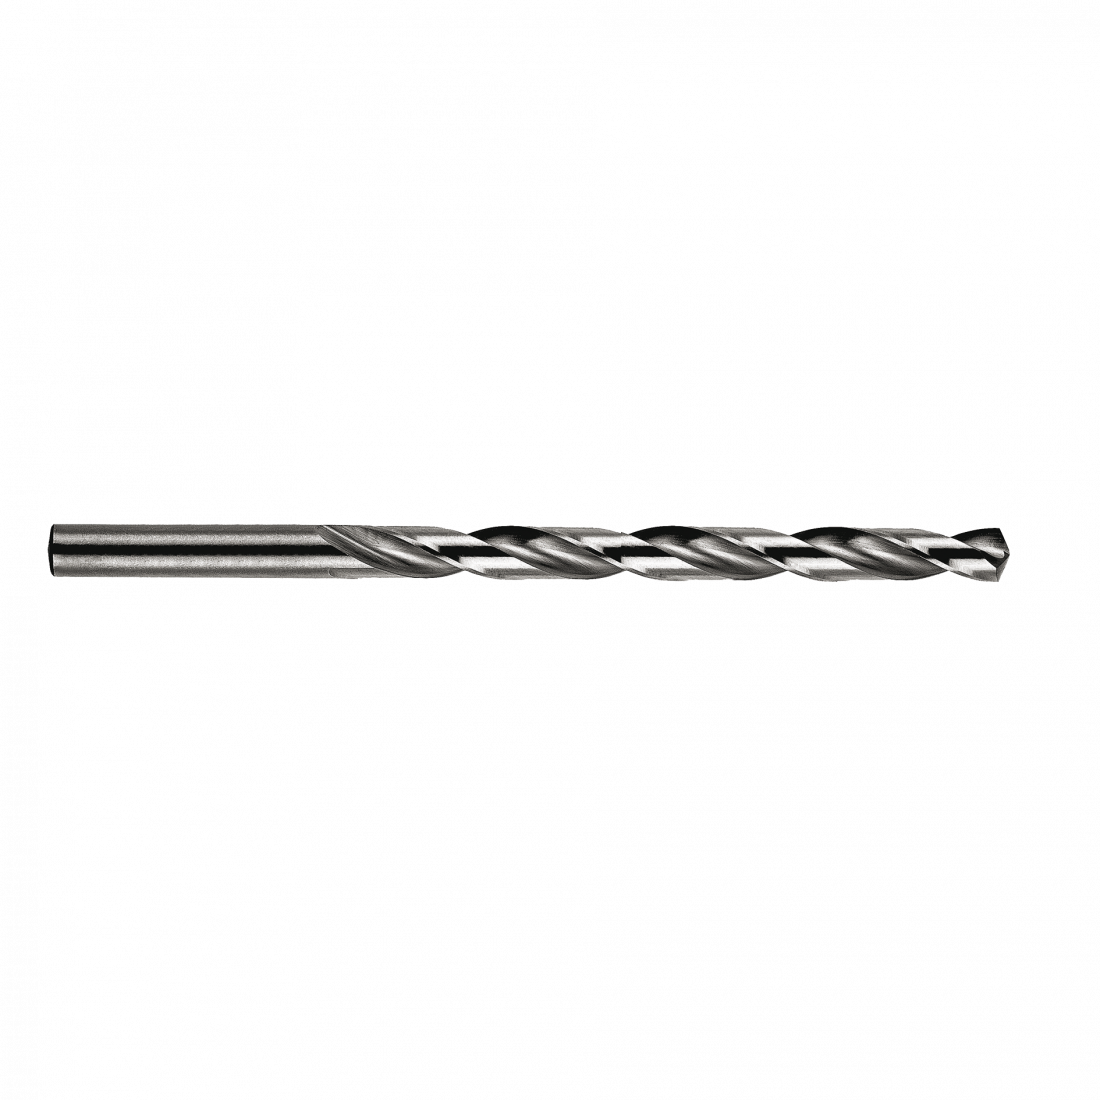 Сверлo по металлу Heller HSS-G Super DIN 340 сверхдлиннoе 5,2х87х132мм (10шт)